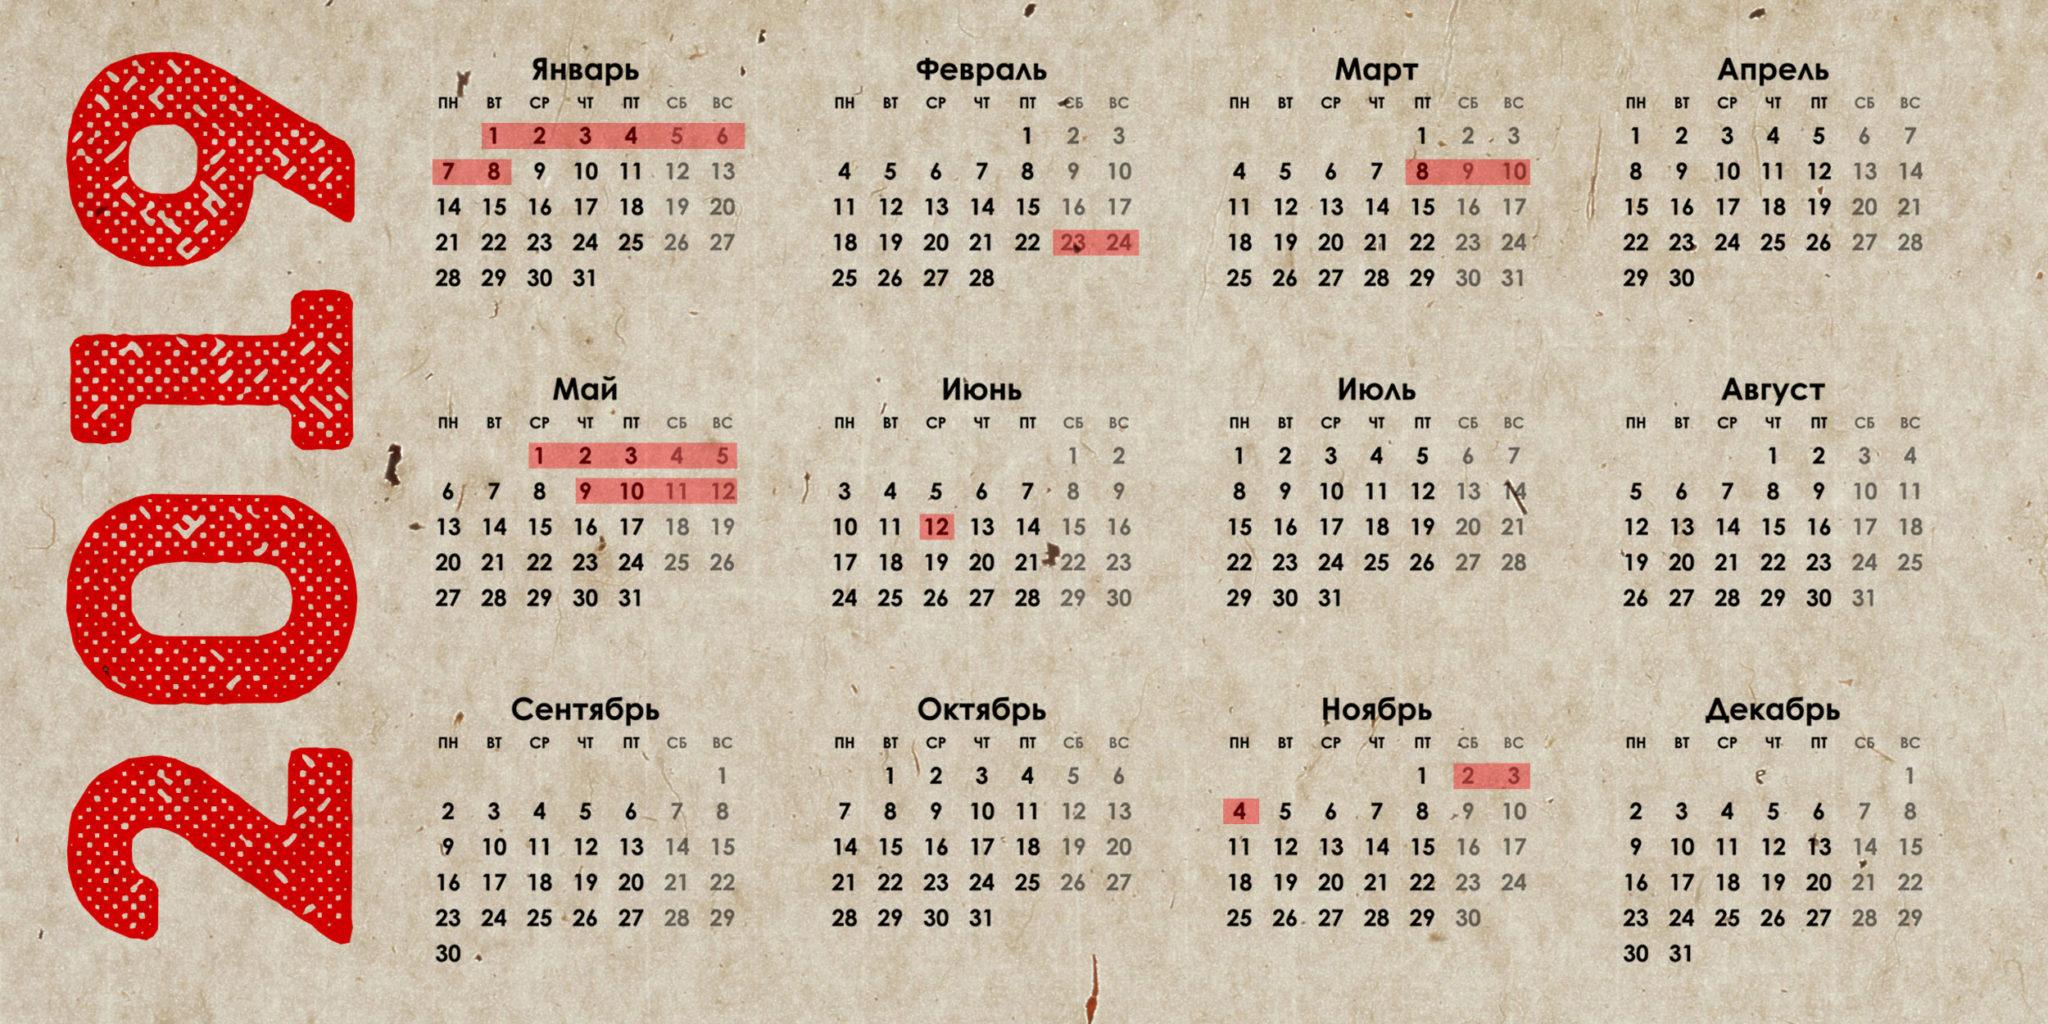 Календарь на 2019 год с праздничными днями и выходными фото